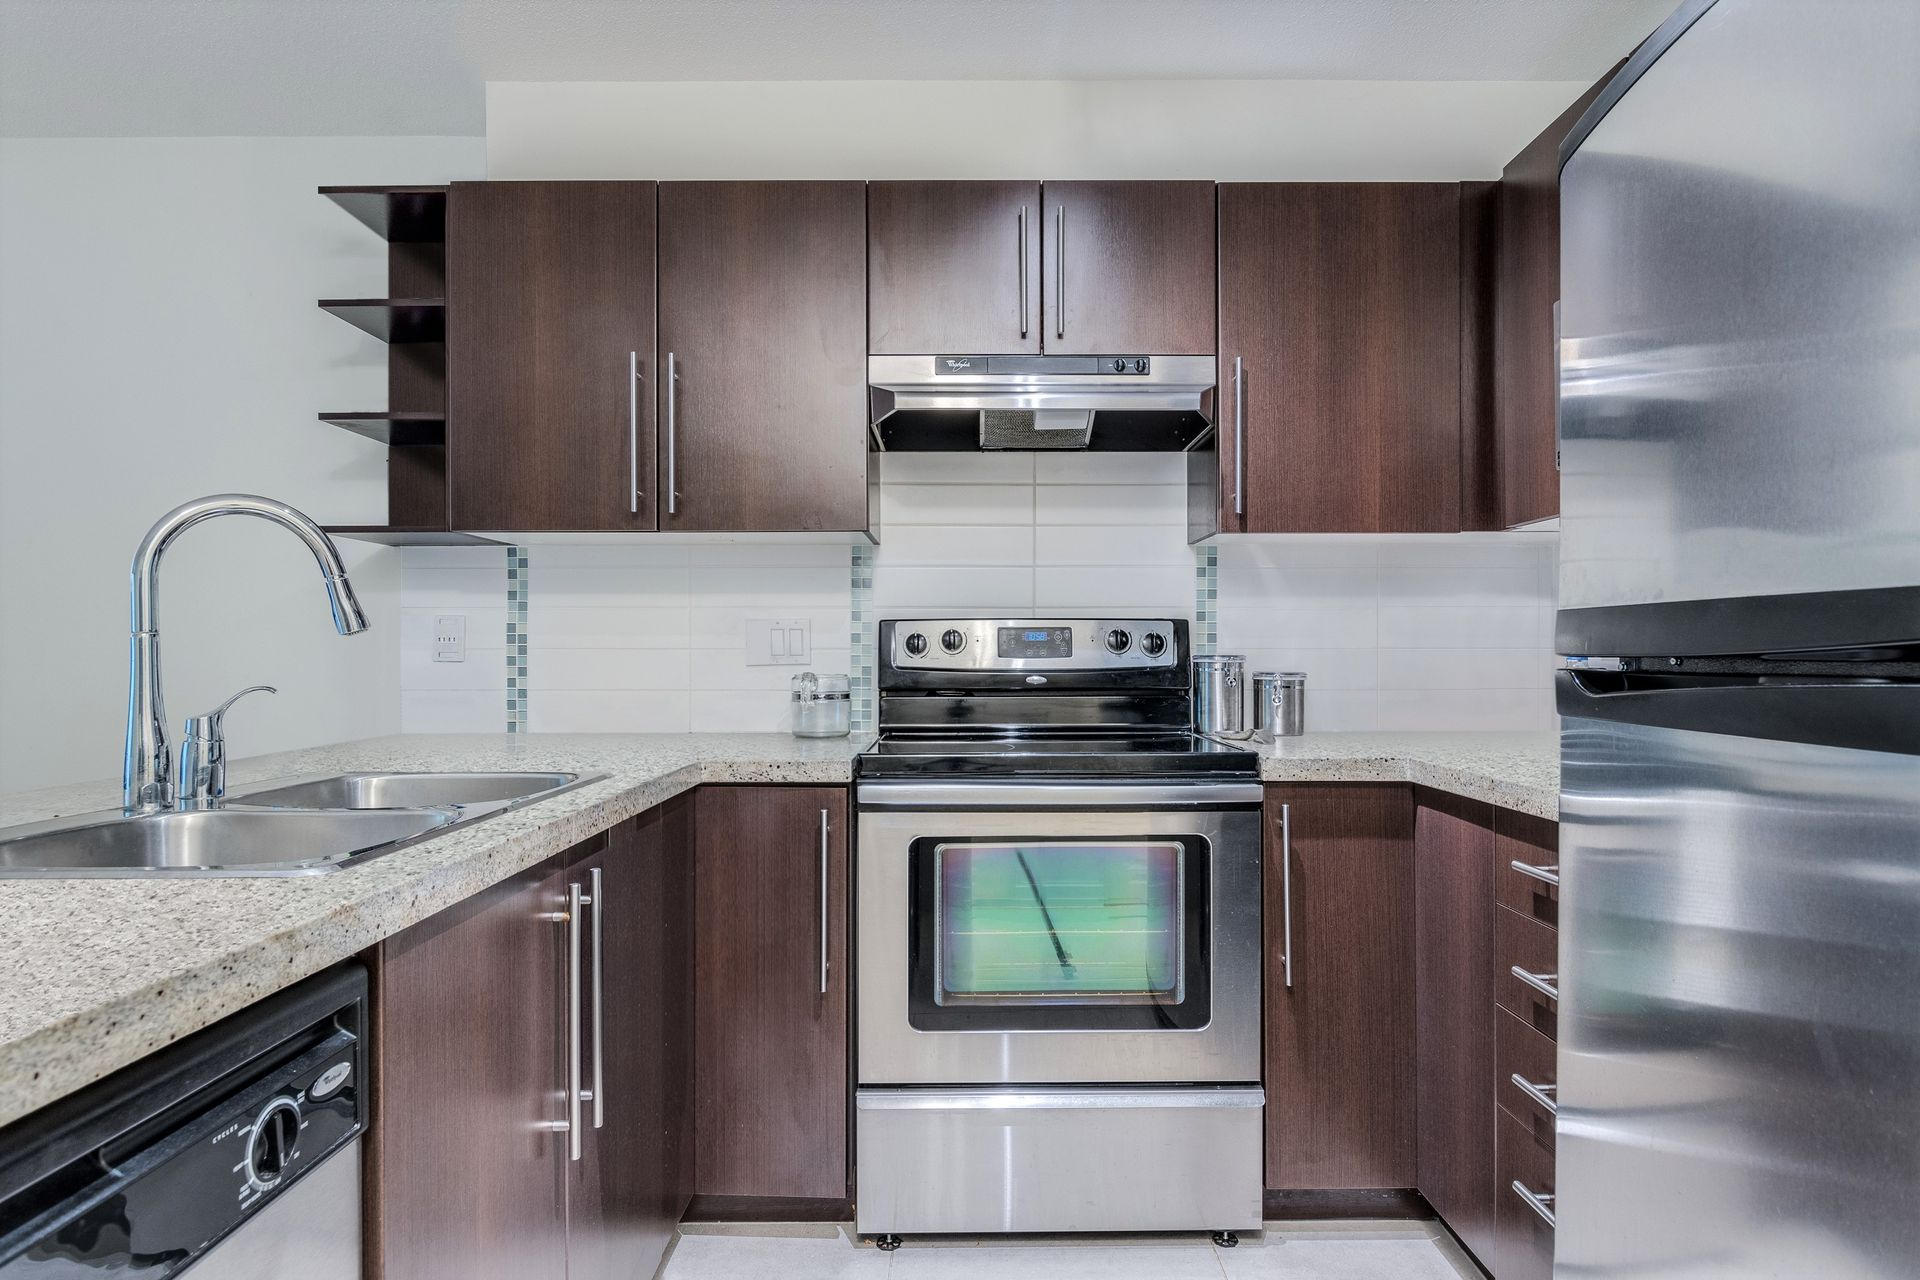 kitchen-1 at